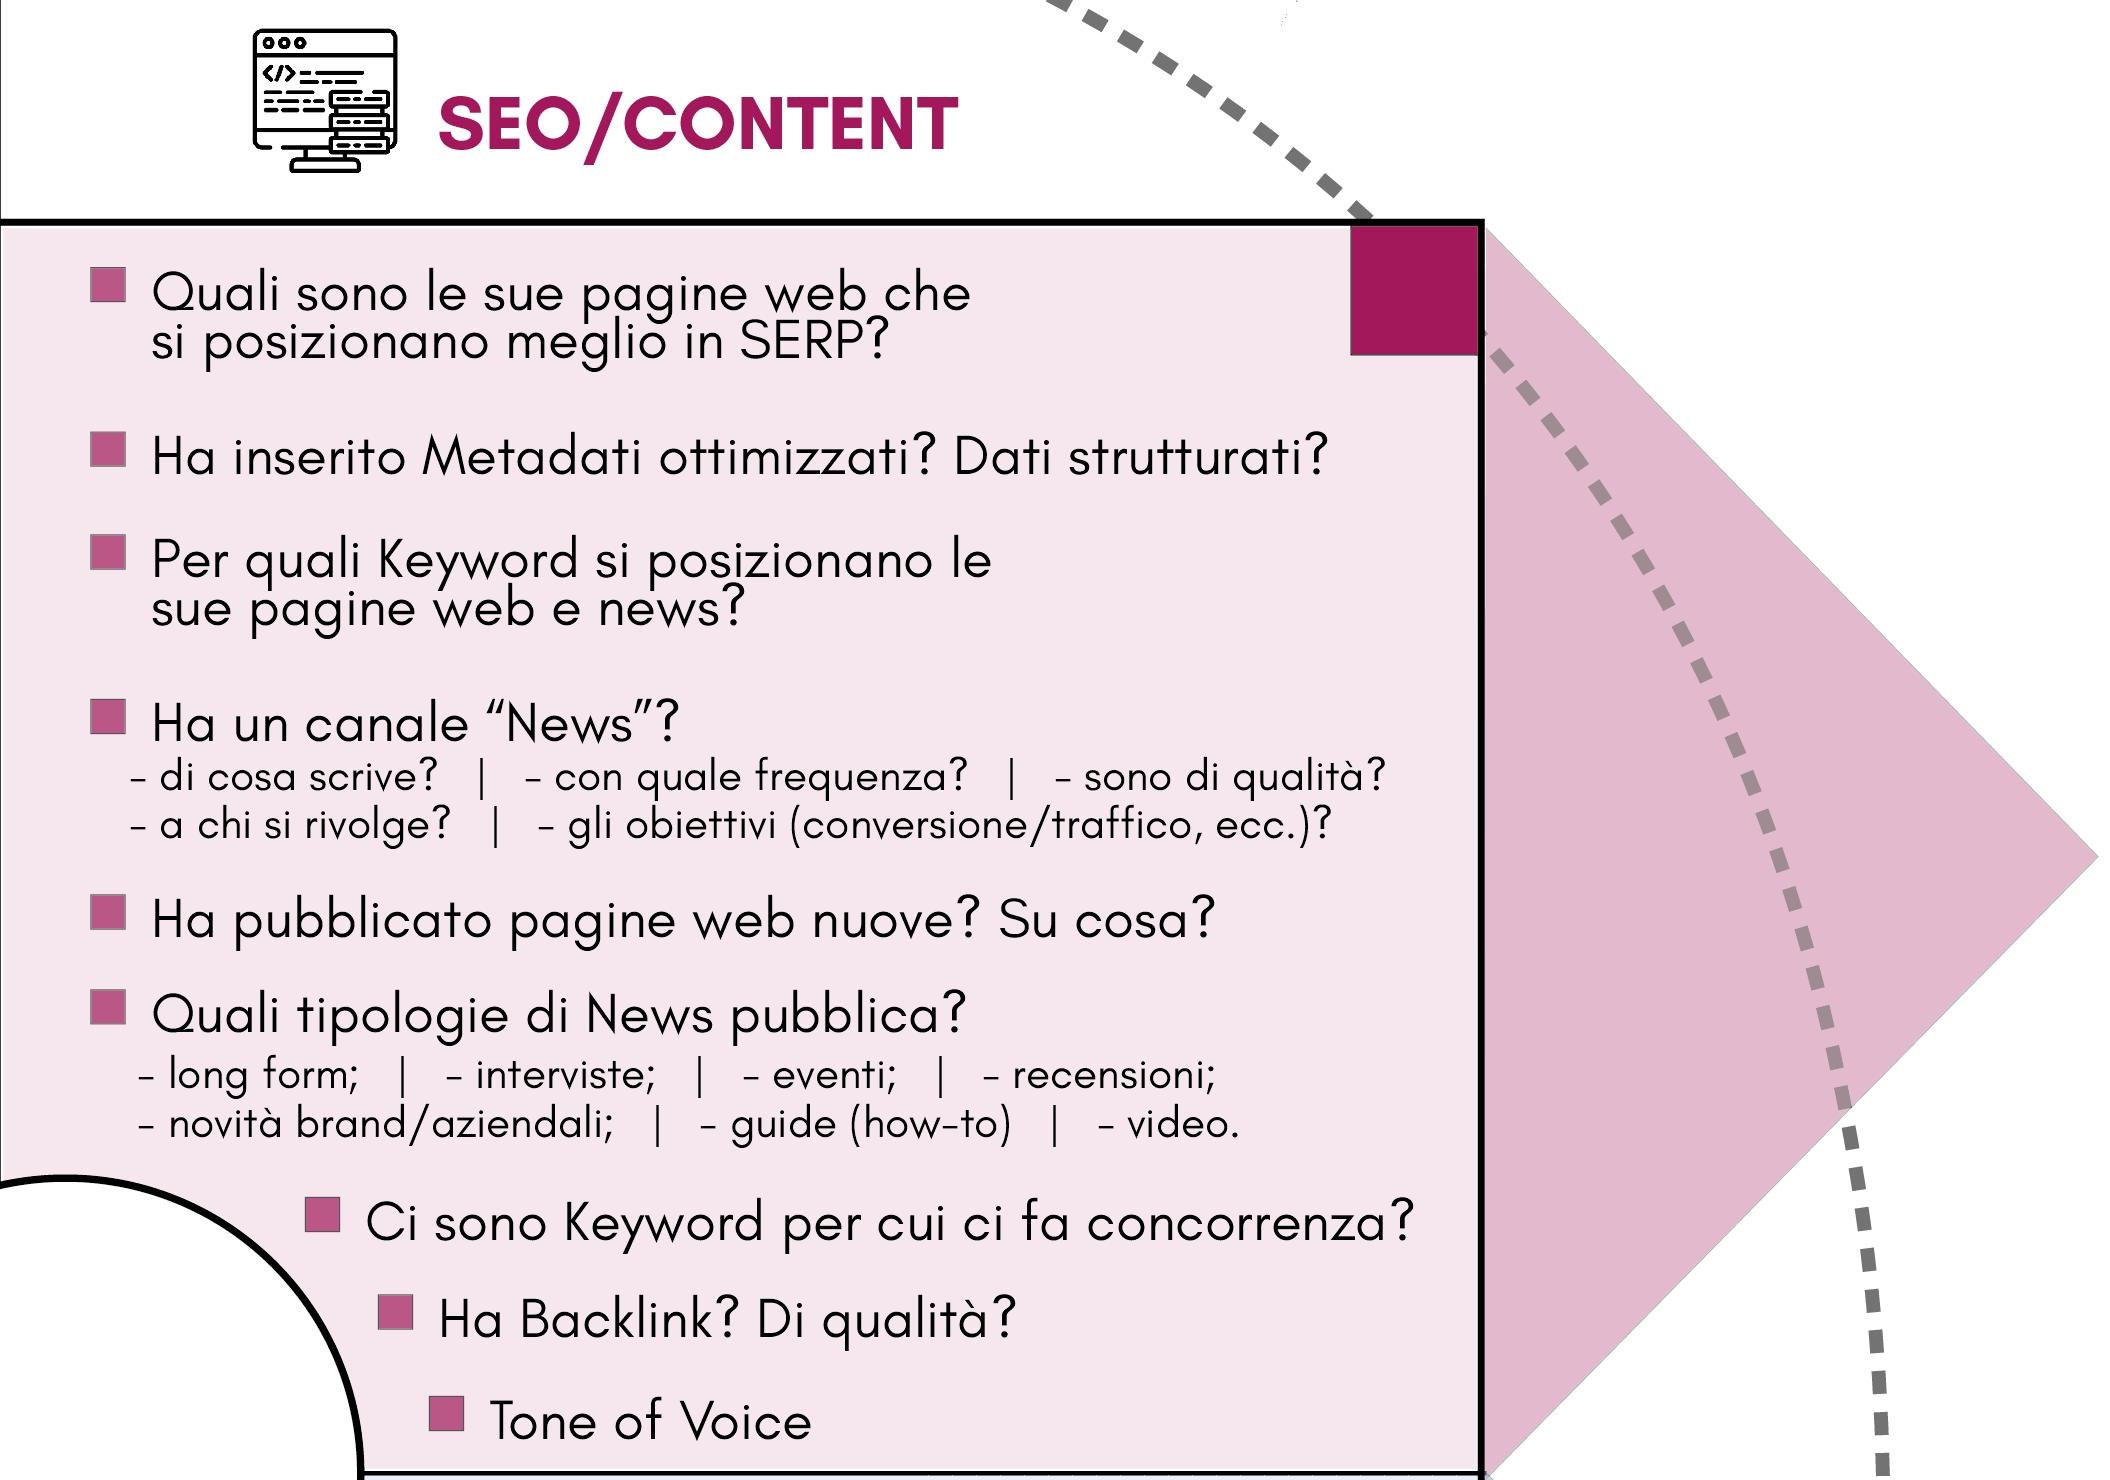 quadrante Content/SEO del modello Competitor Personas